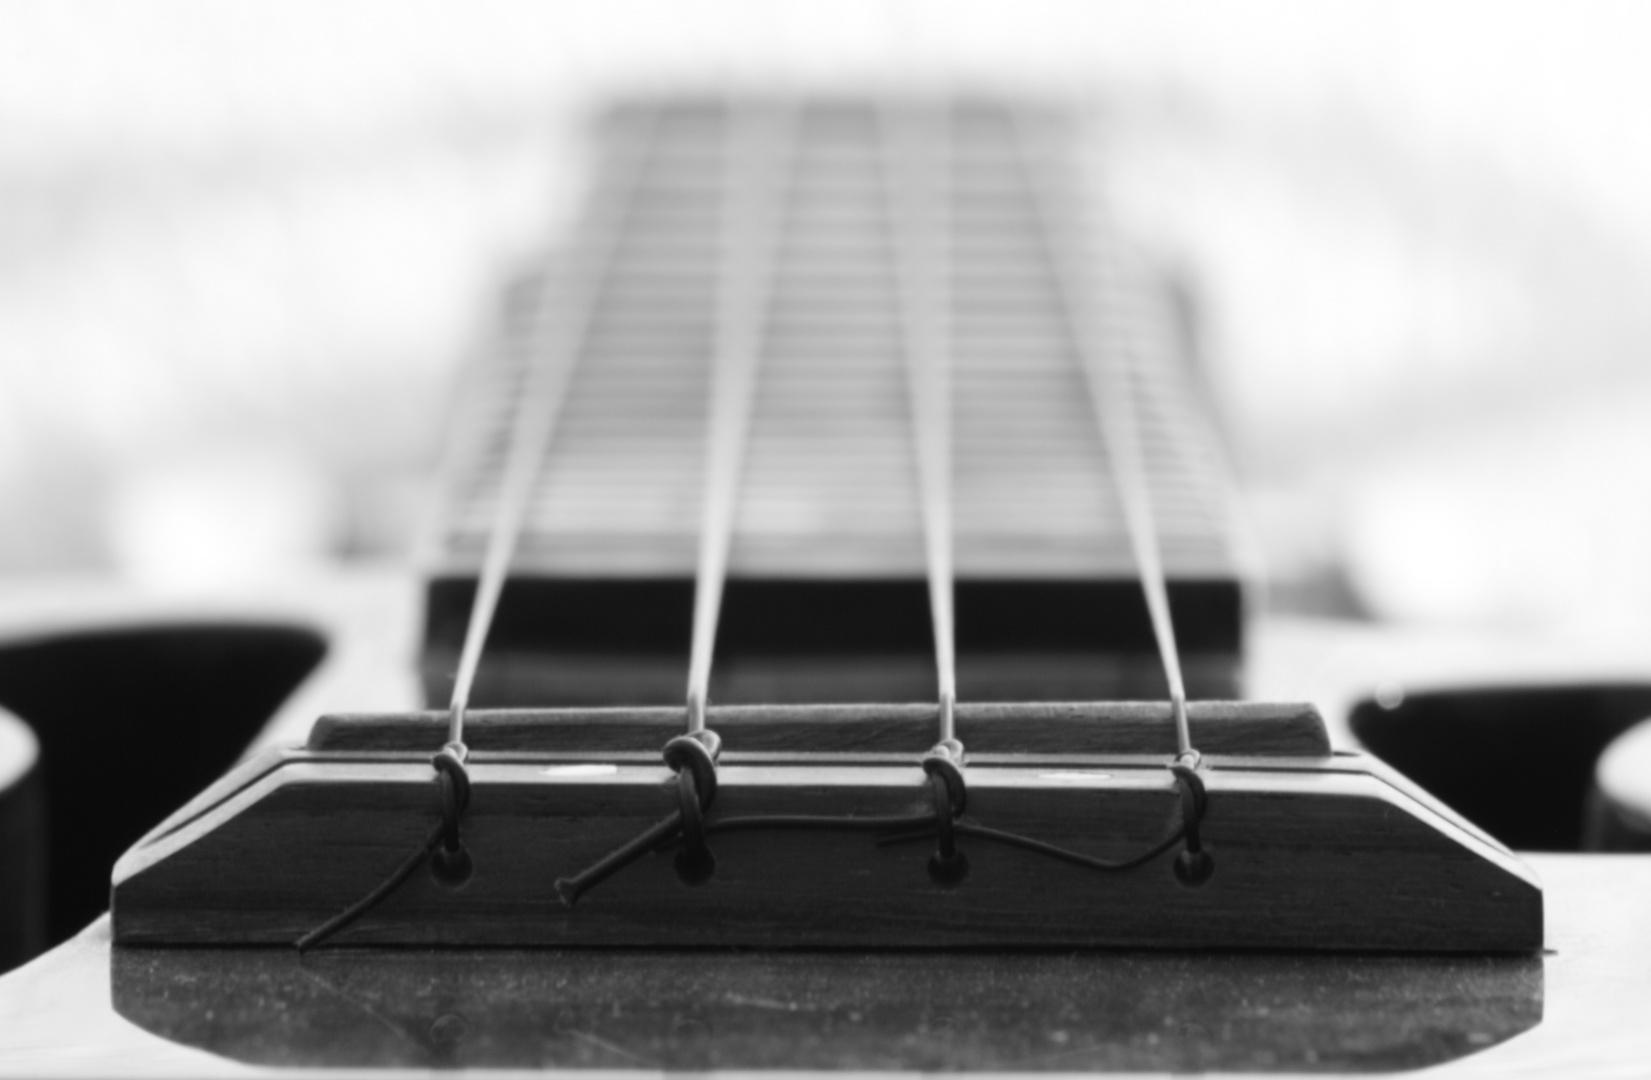 meine ukulele